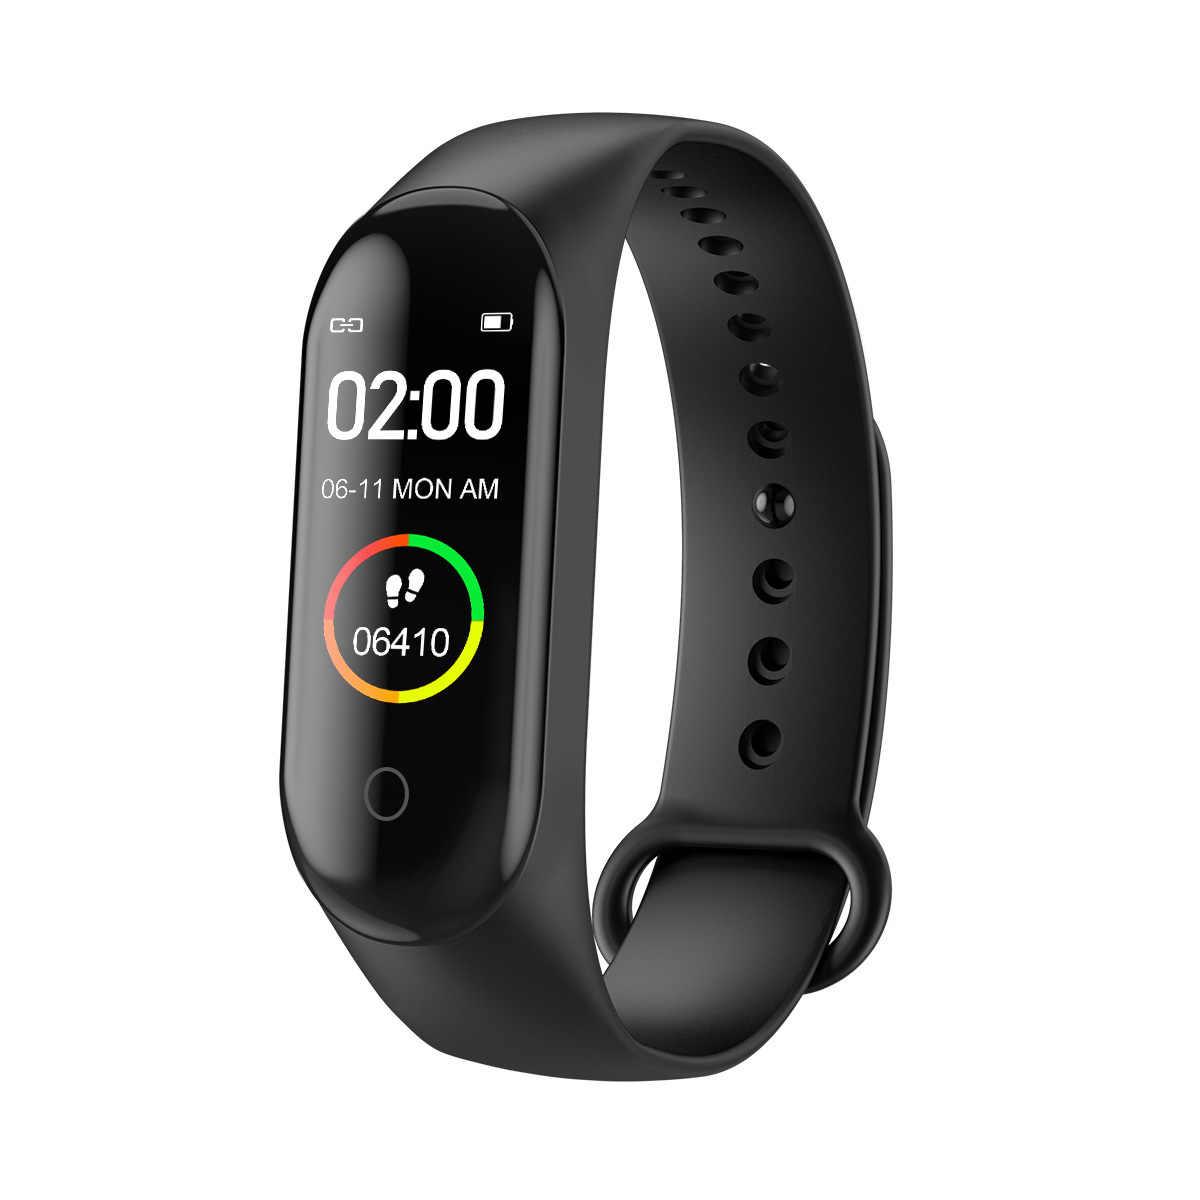 M4 Smart Band Gelang Kebugaran Tracker Kesehatan Tekanan Darah Denyut Jantung Bluetooth Olahraga Gelang Smartband